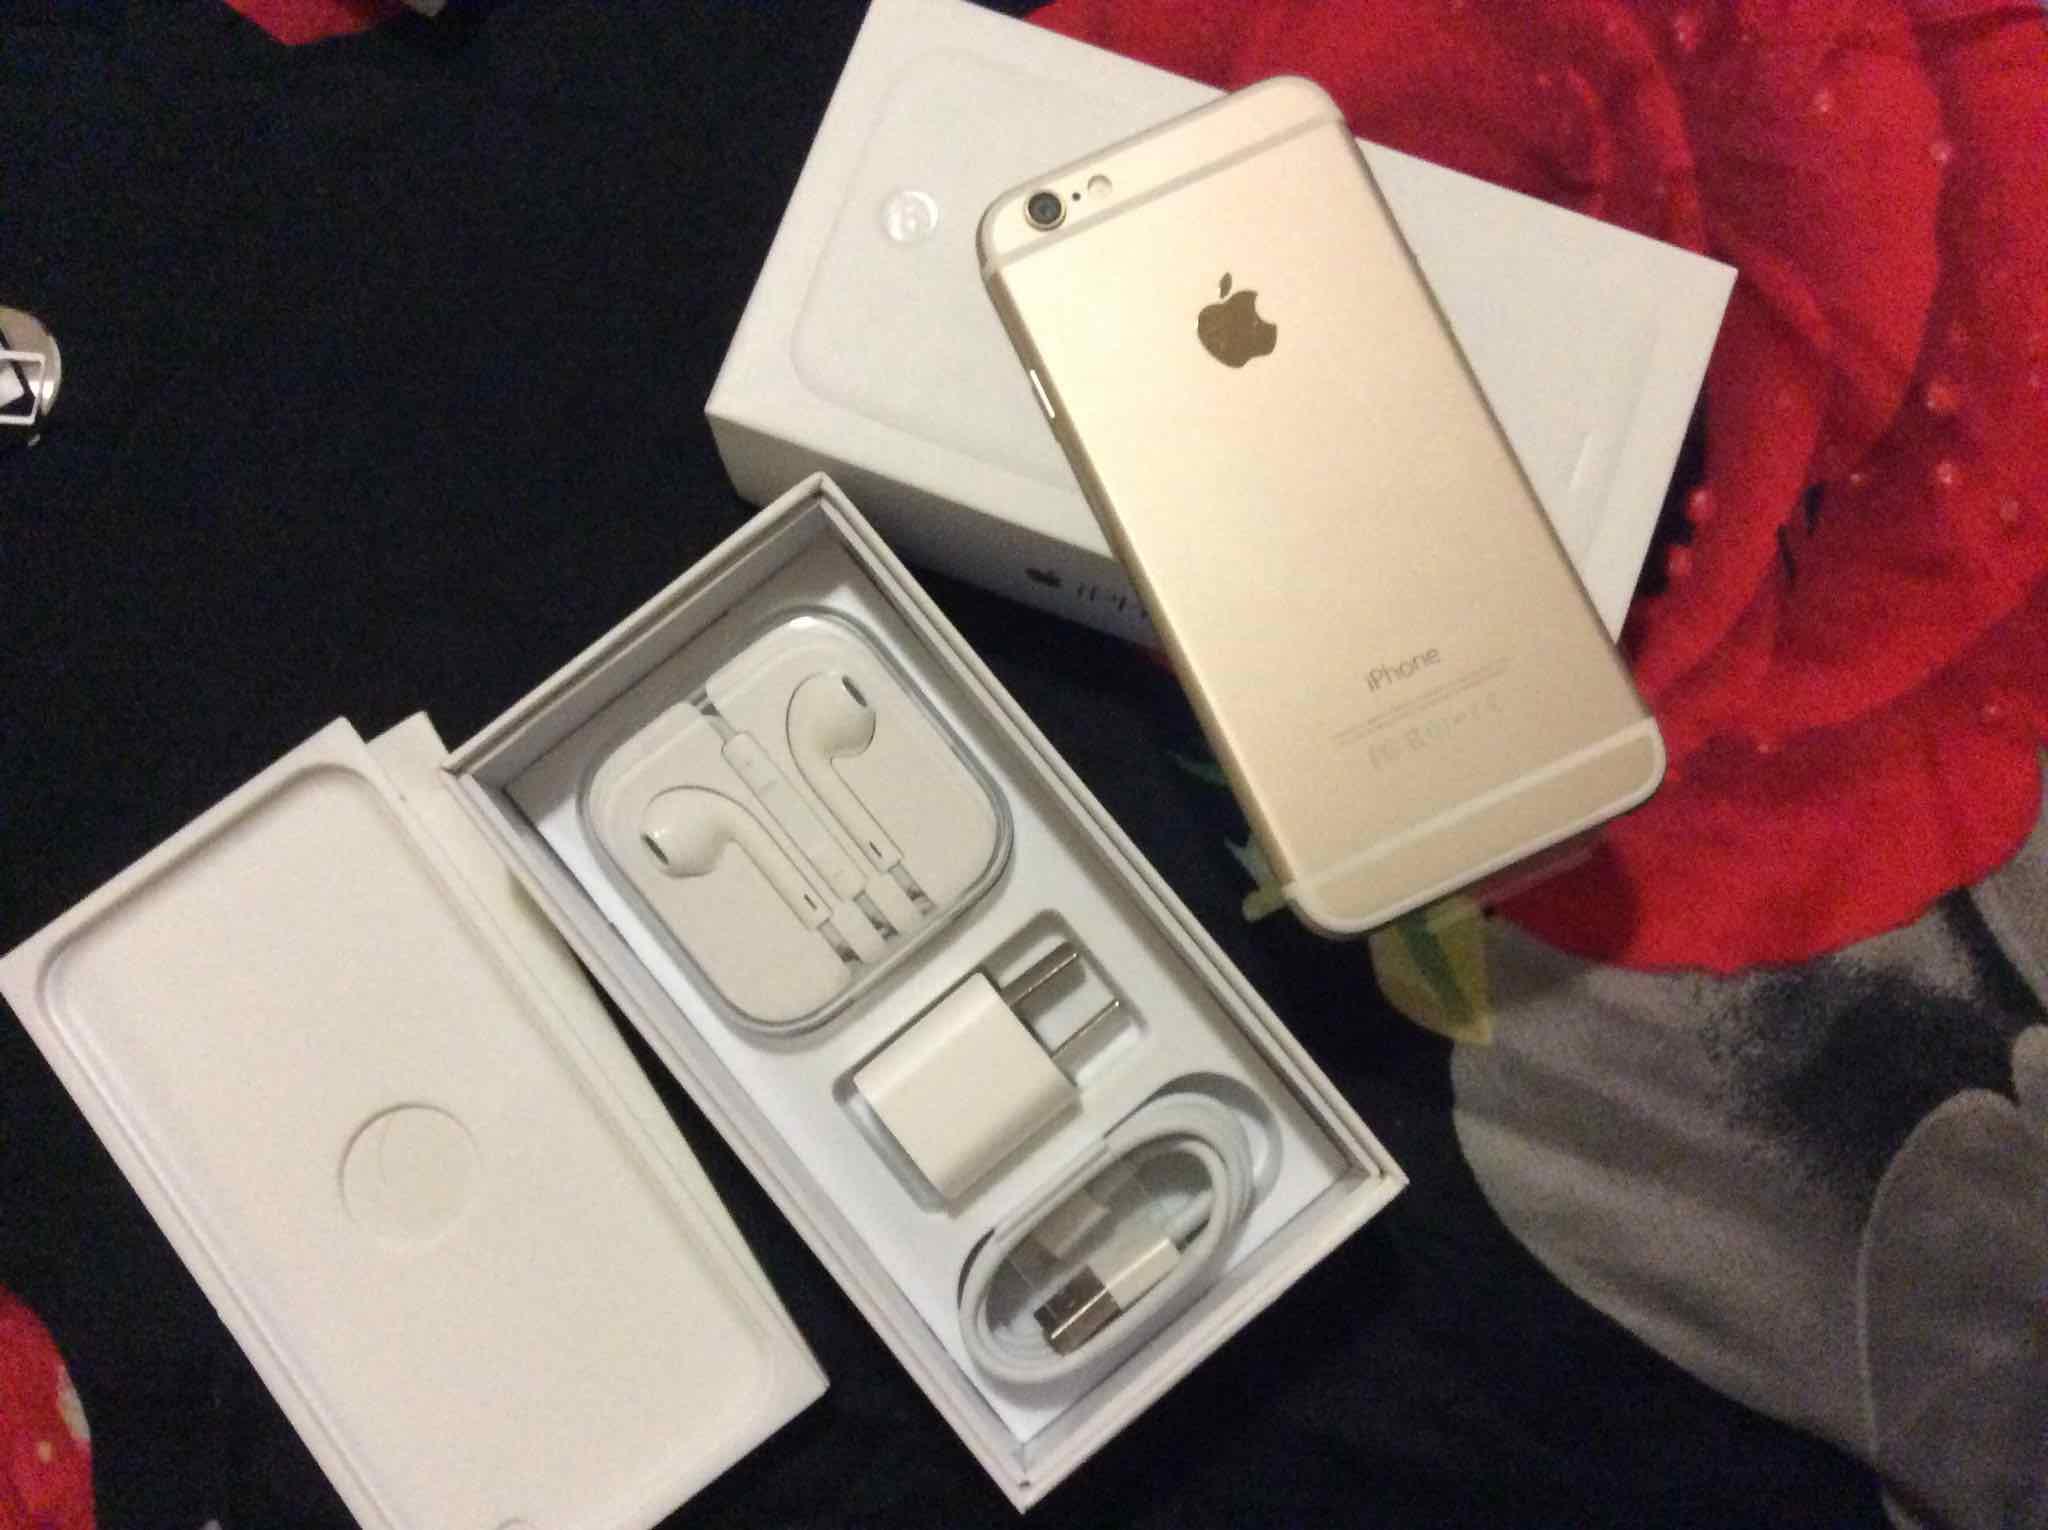 acheter un mobile reconditionn ios11 original reconditionn apple iphone 6 t l phones portables. Black Bedroom Furniture Sets. Home Design Ideas